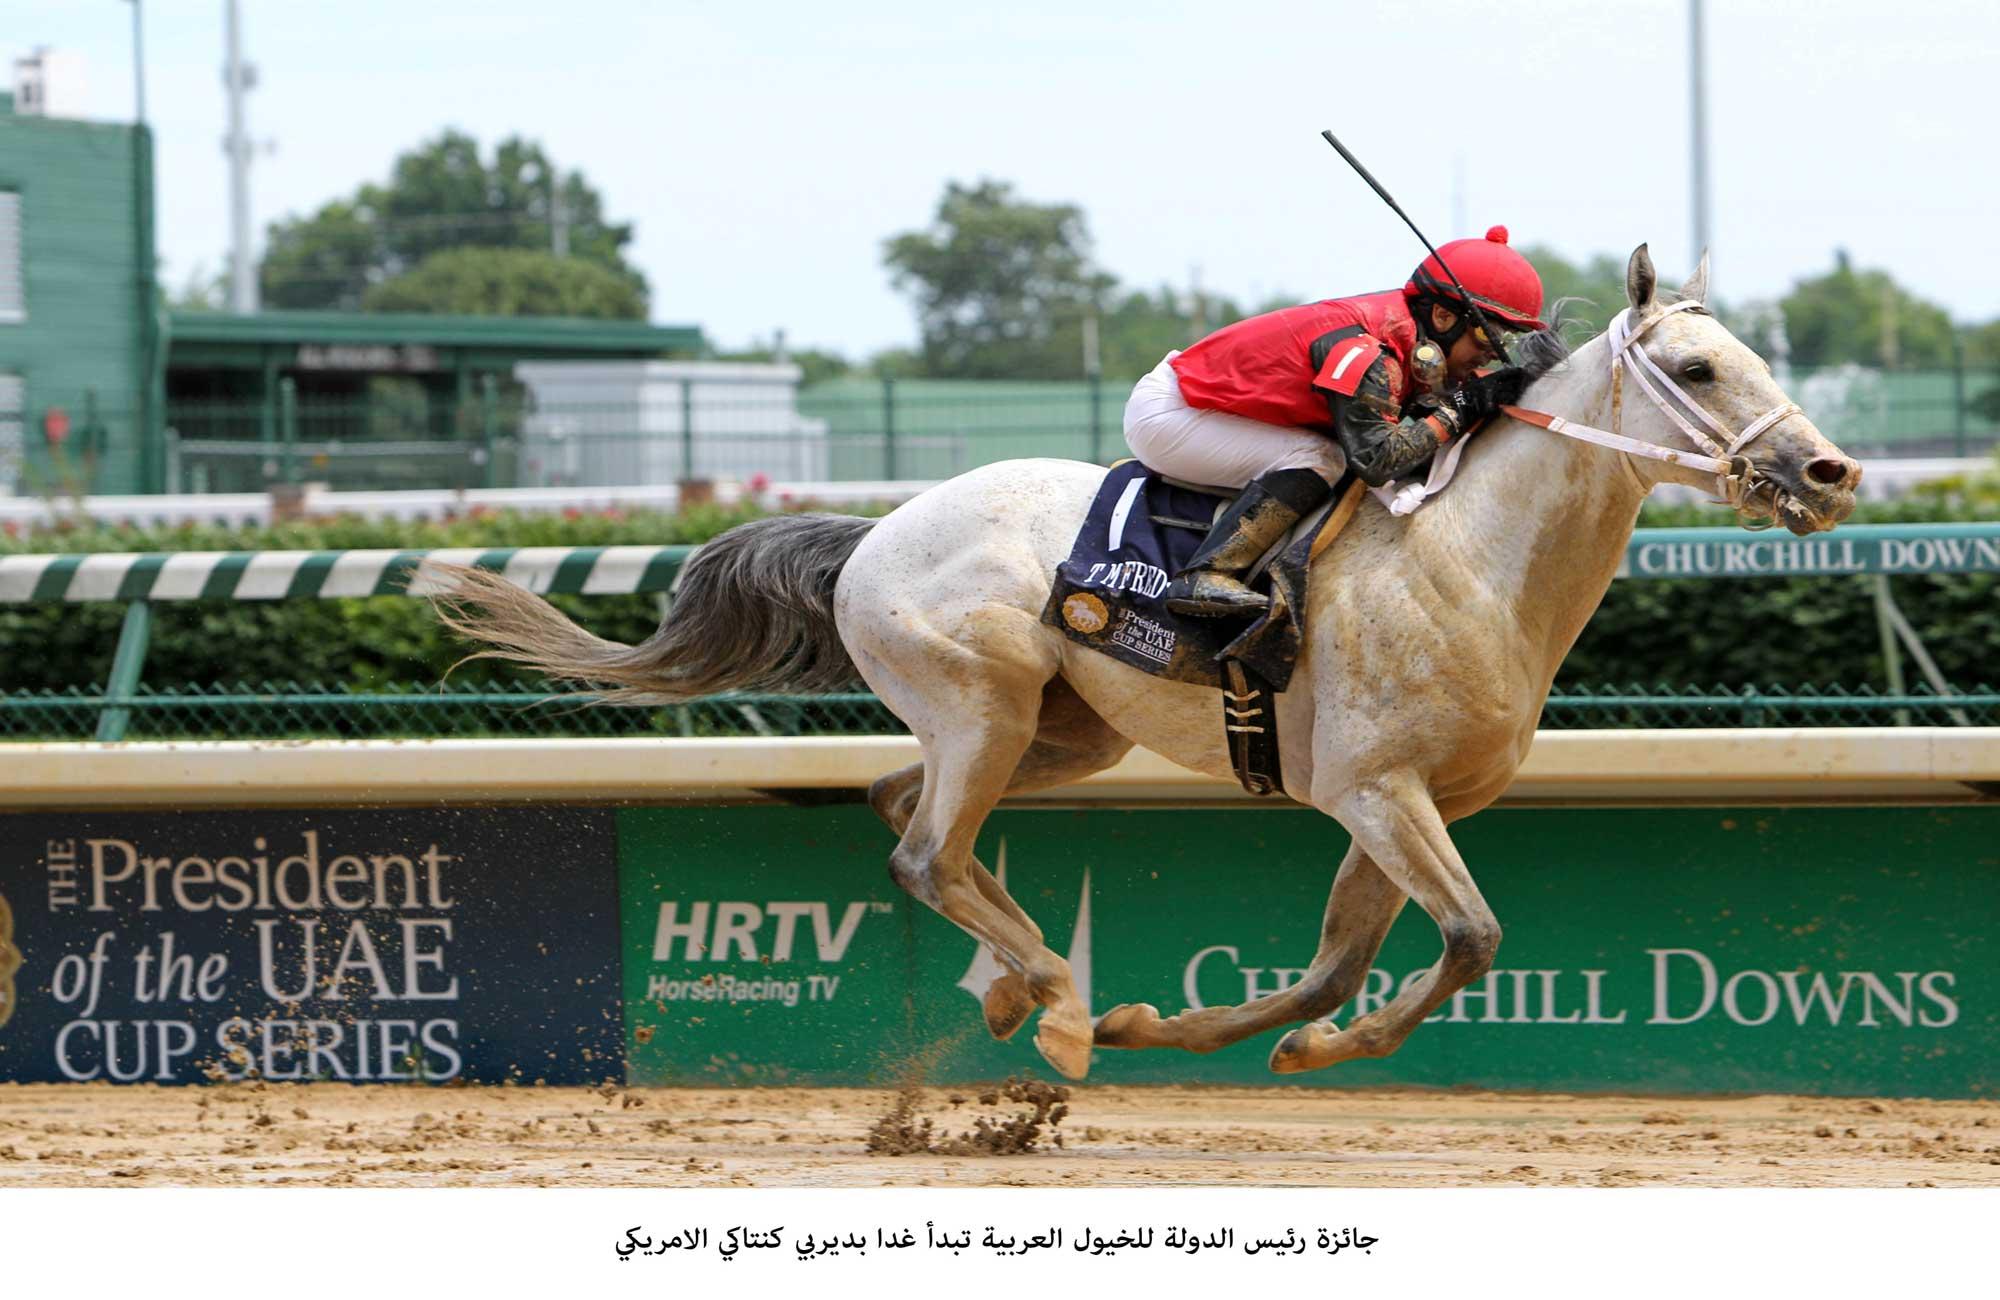 جائزة رئيس الدولة للخيول العربية تبدأ اليوم بديربي كنتاكي الأمريكي